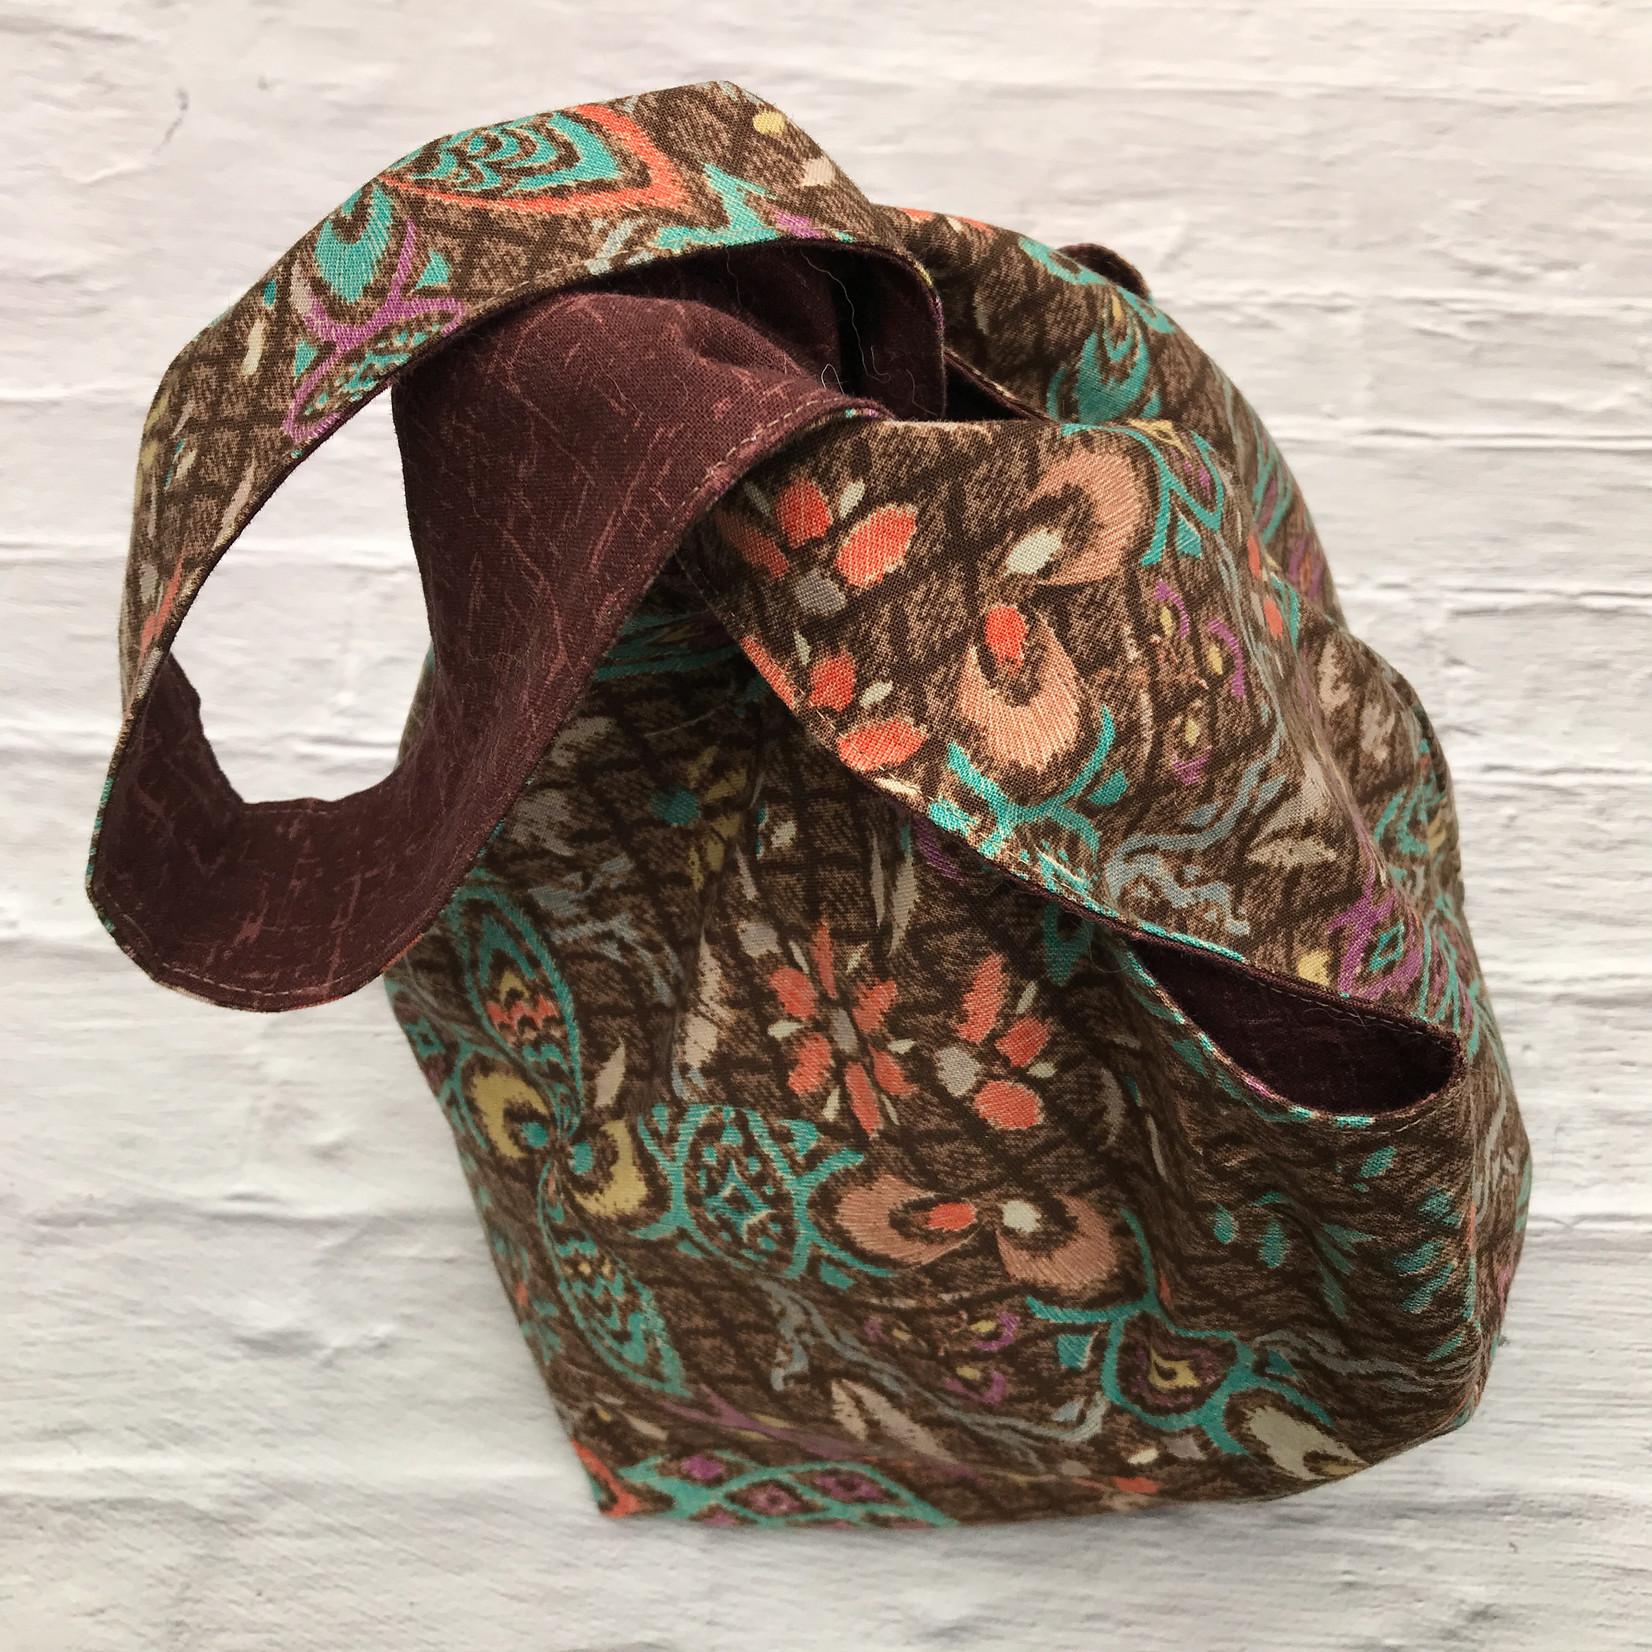 Japanese Knot Bag - Medium